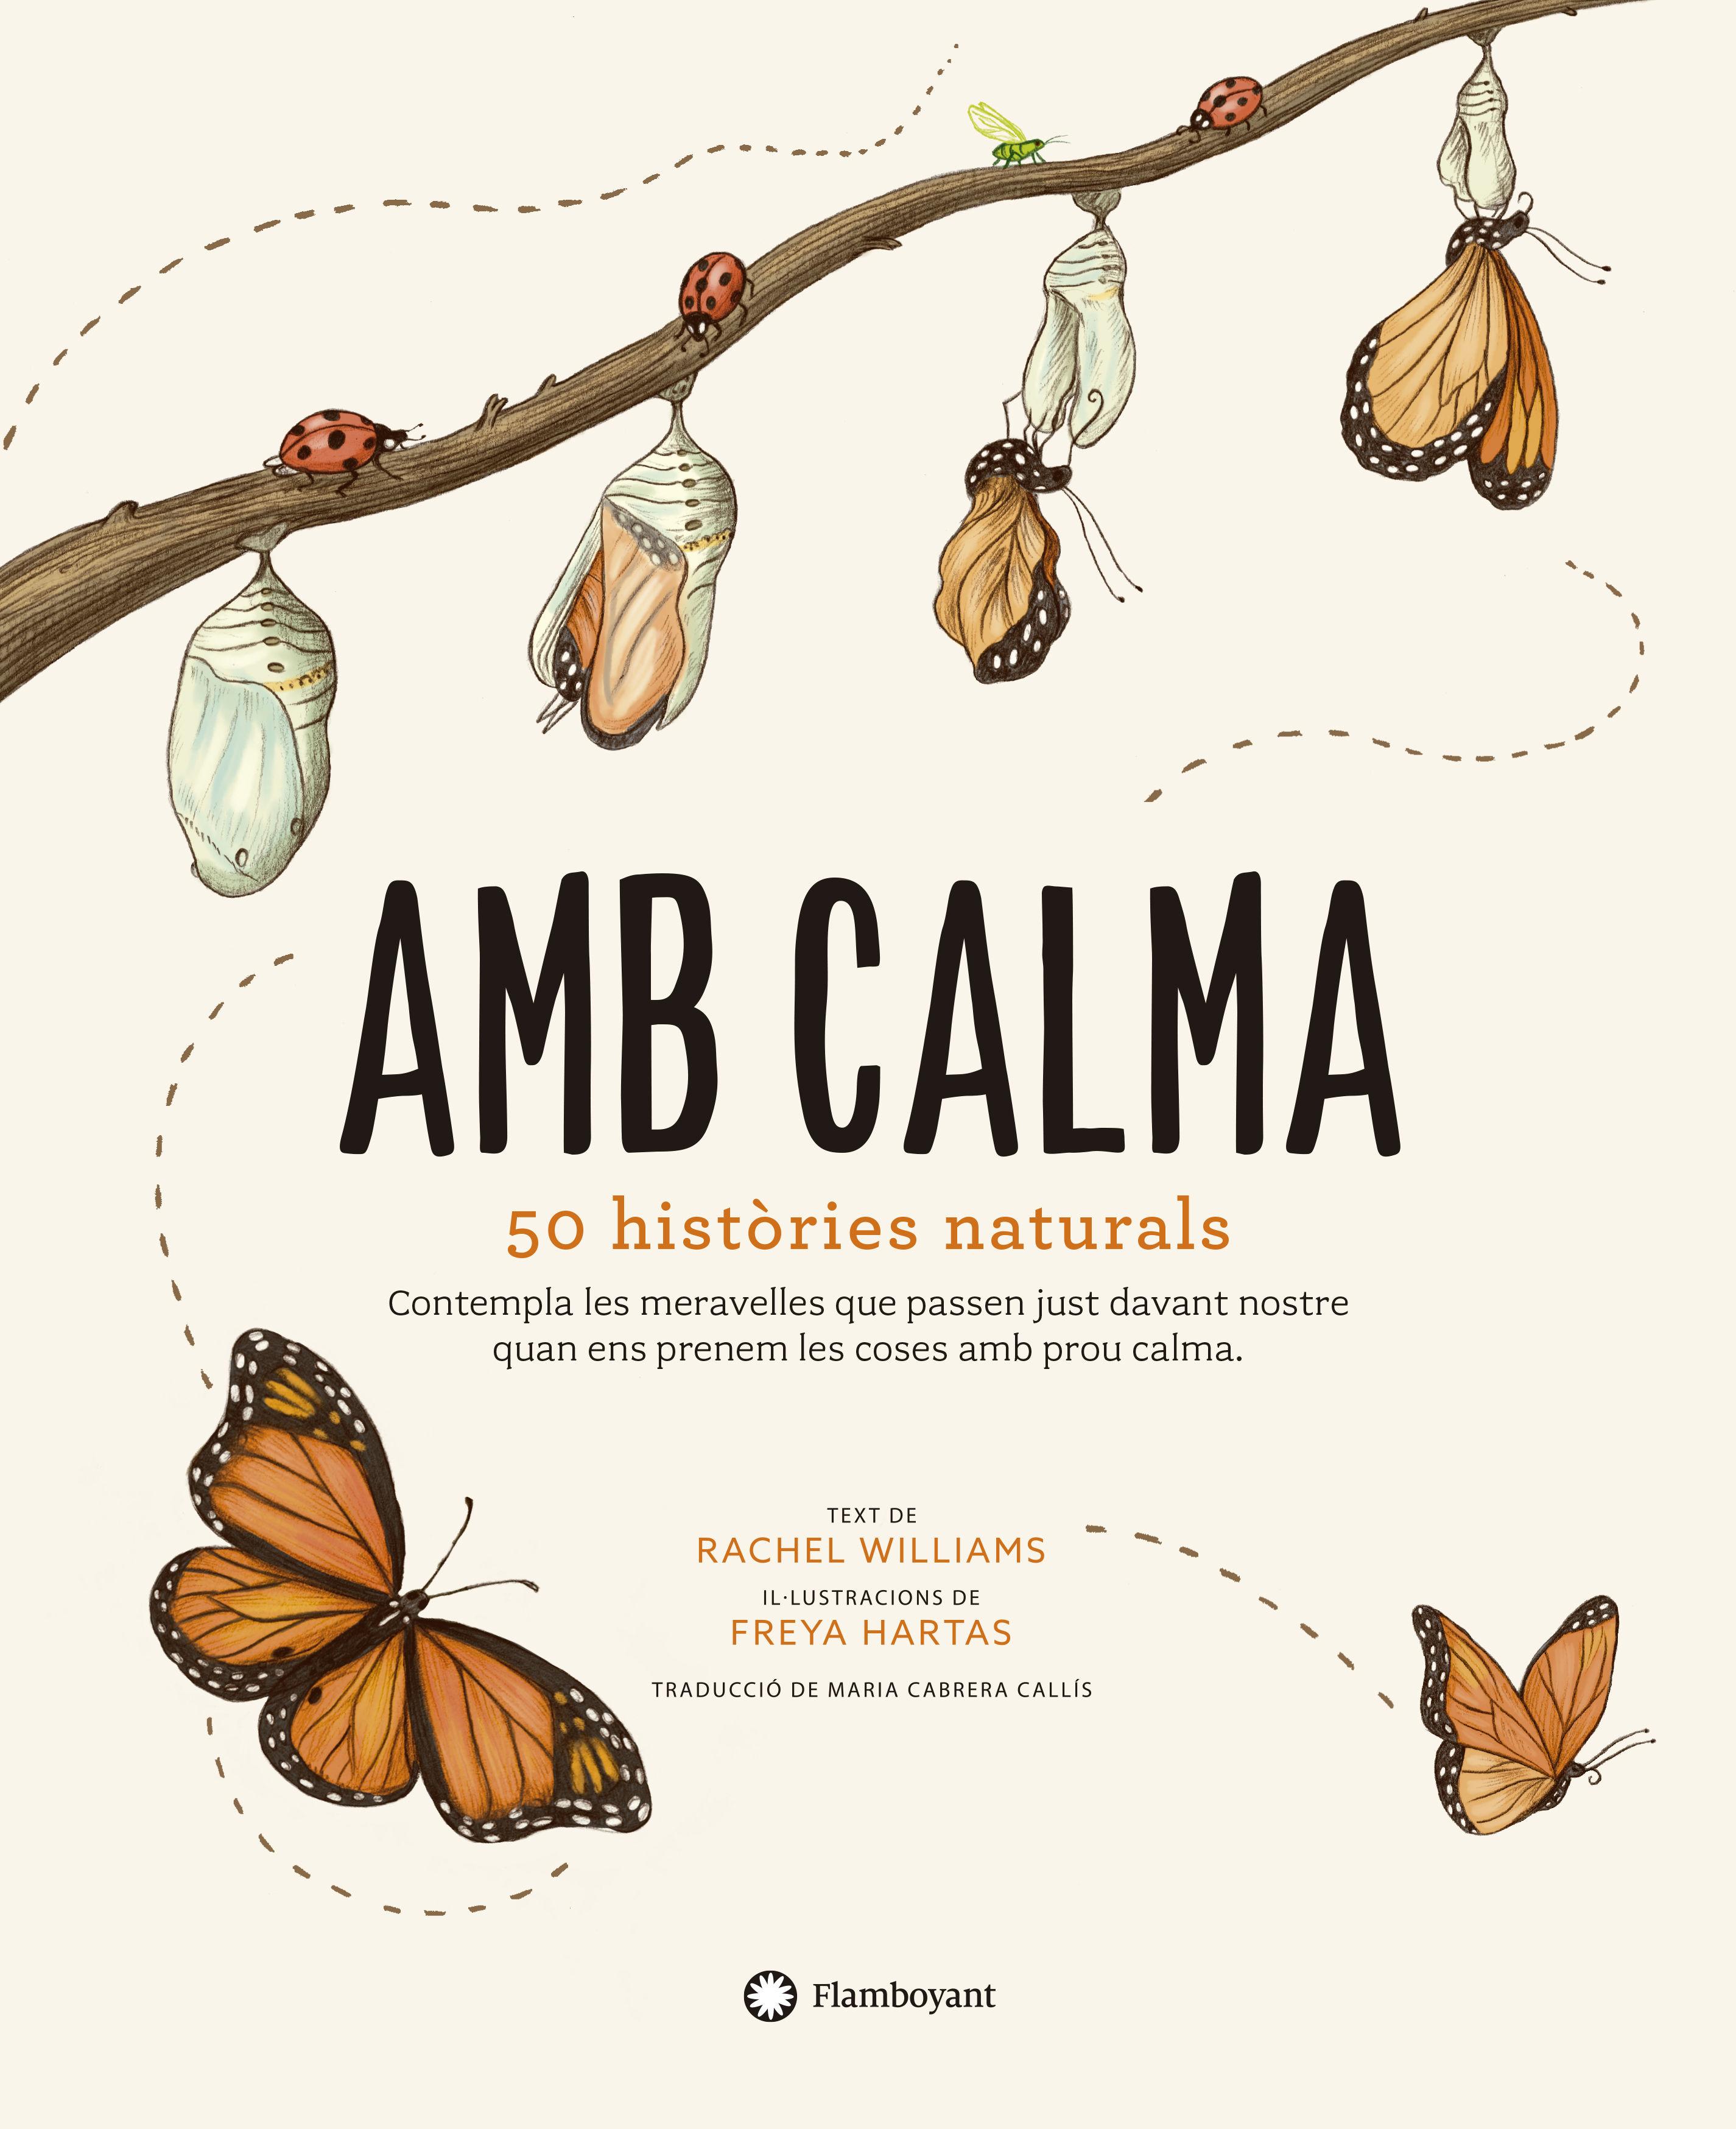 AMB CALMA 50 HISTORIES NATURALS